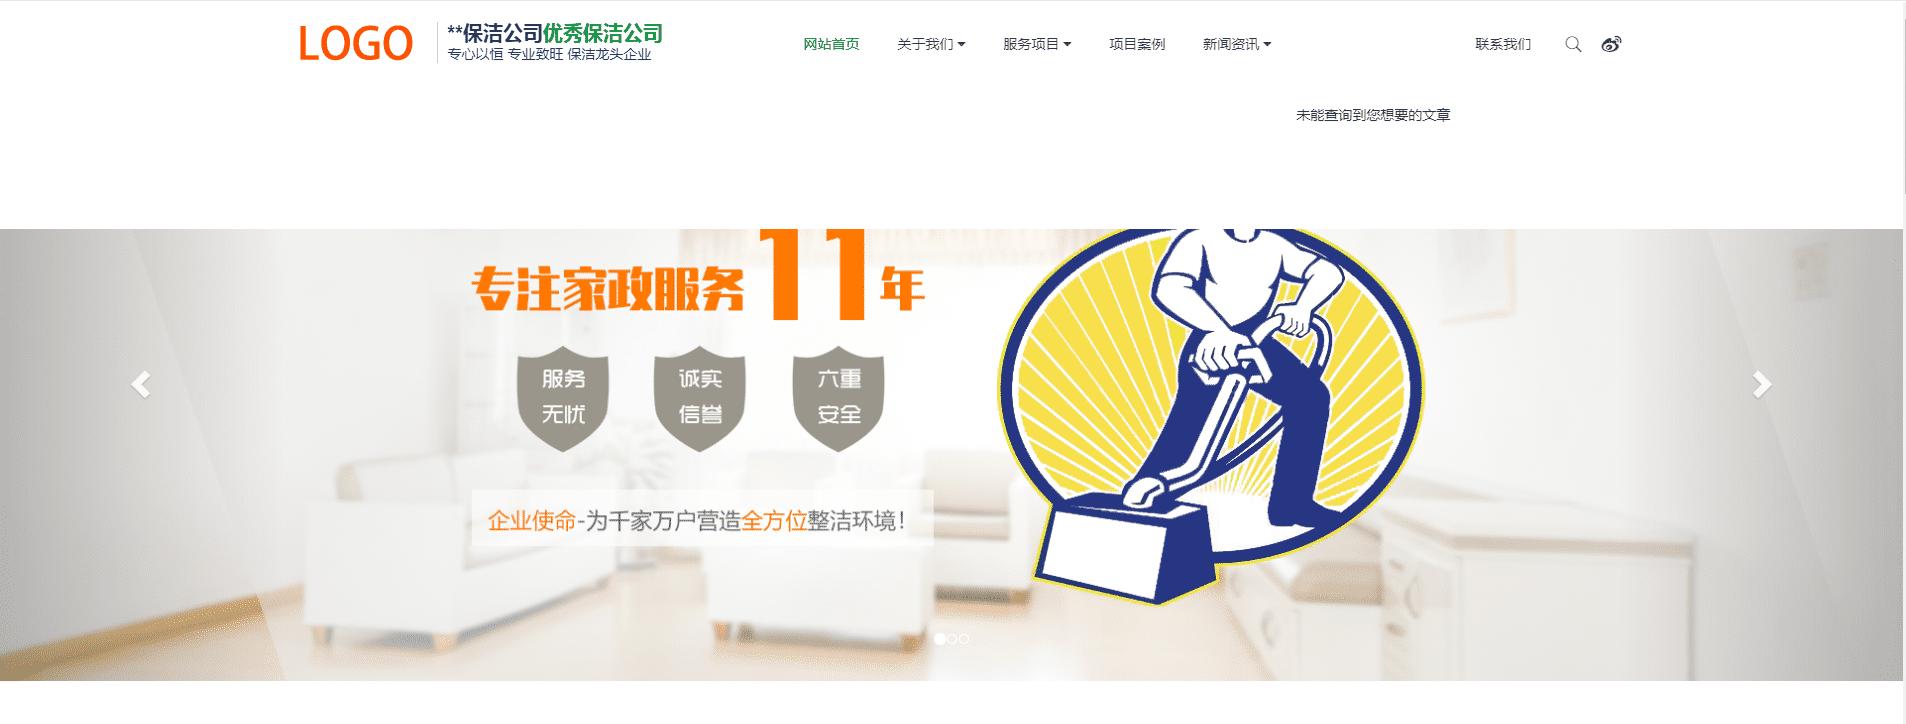 家政保洁网站模板